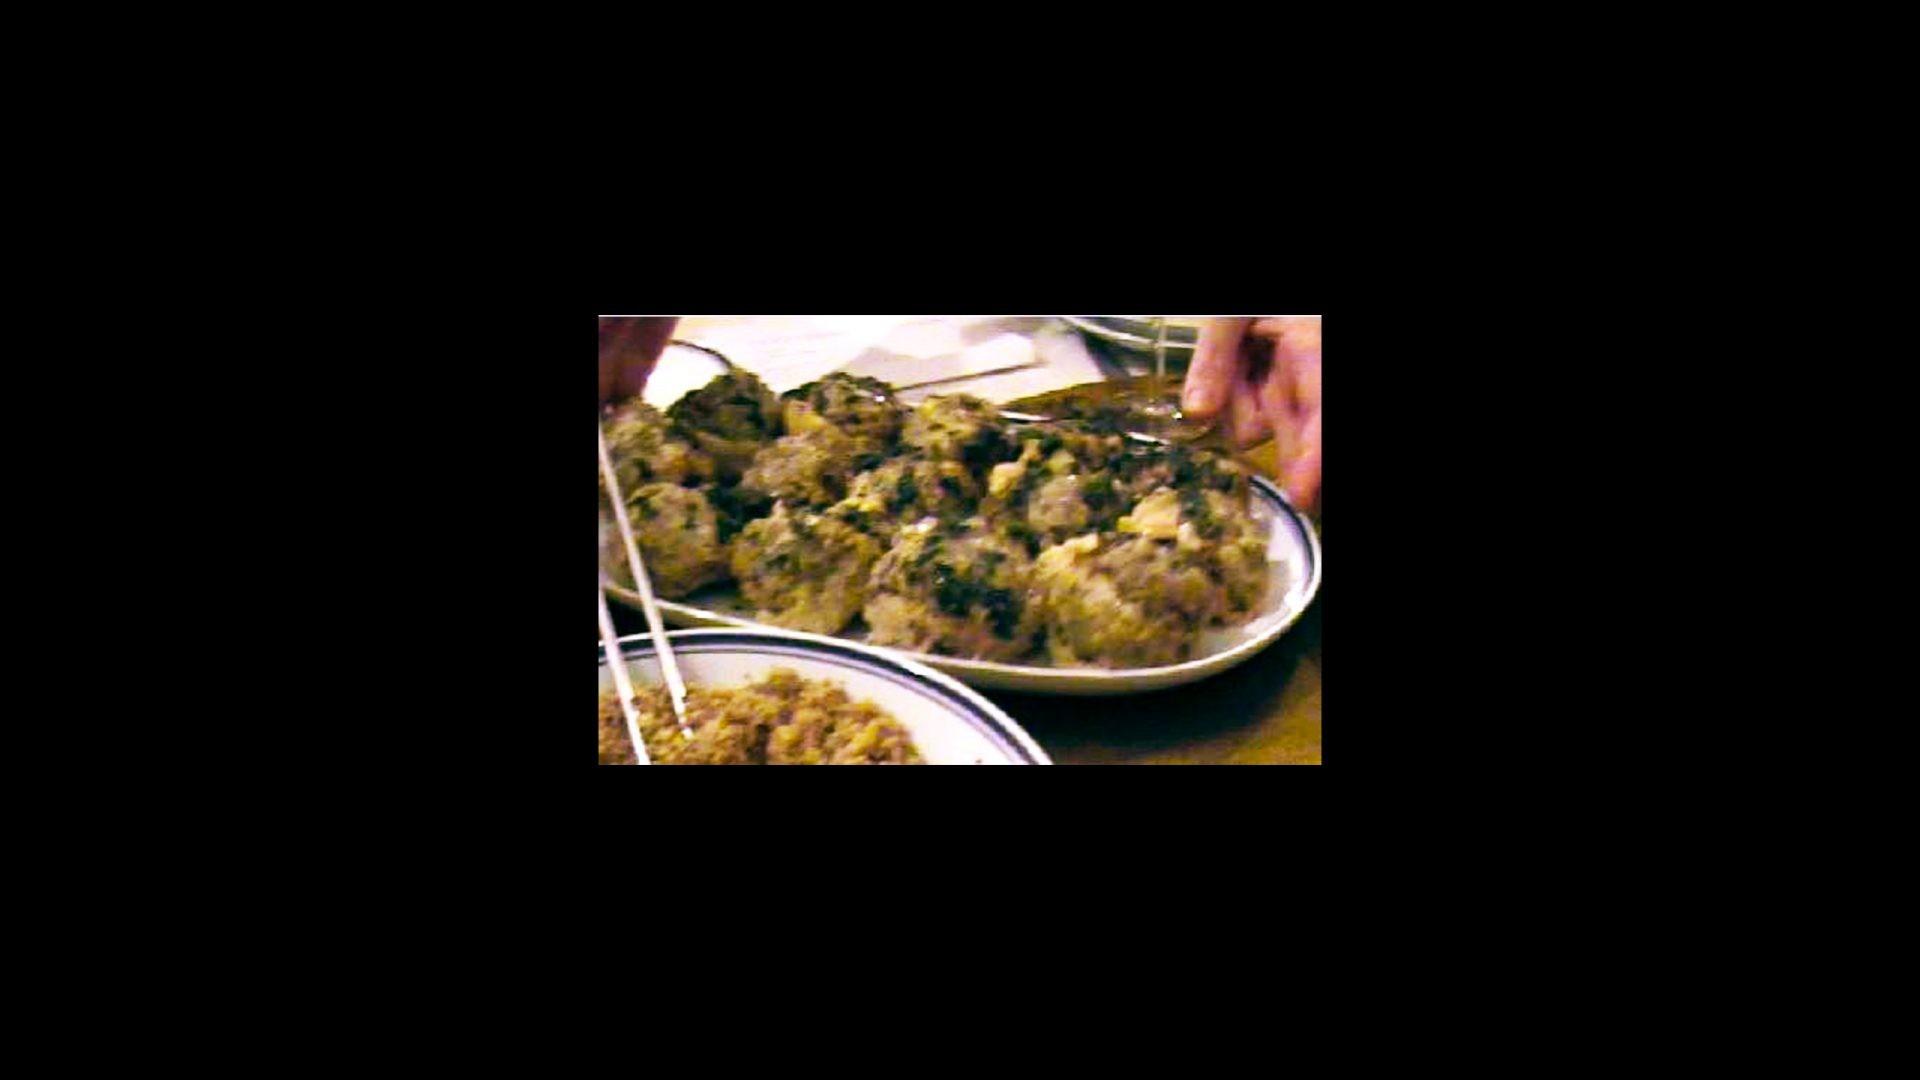 ארטישוק ממולא בסגנון מרוקאי